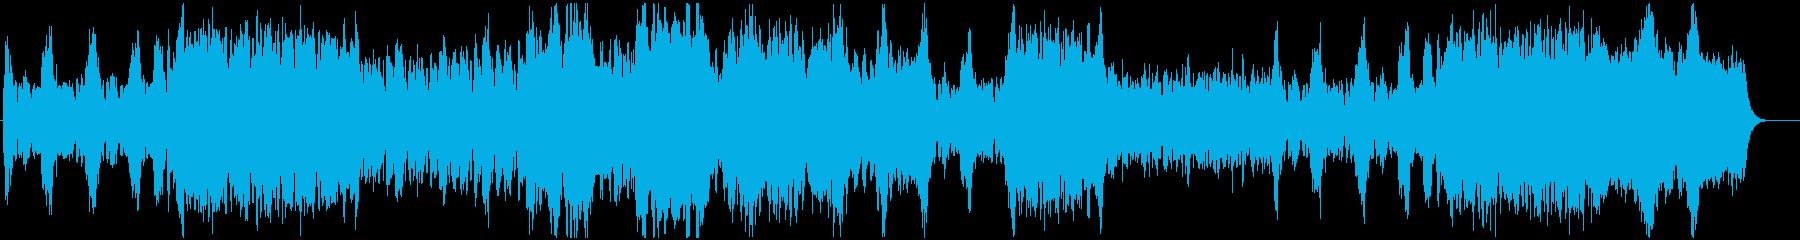 【TV向け】スポーツ系前向きオーケストラの再生済みの波形